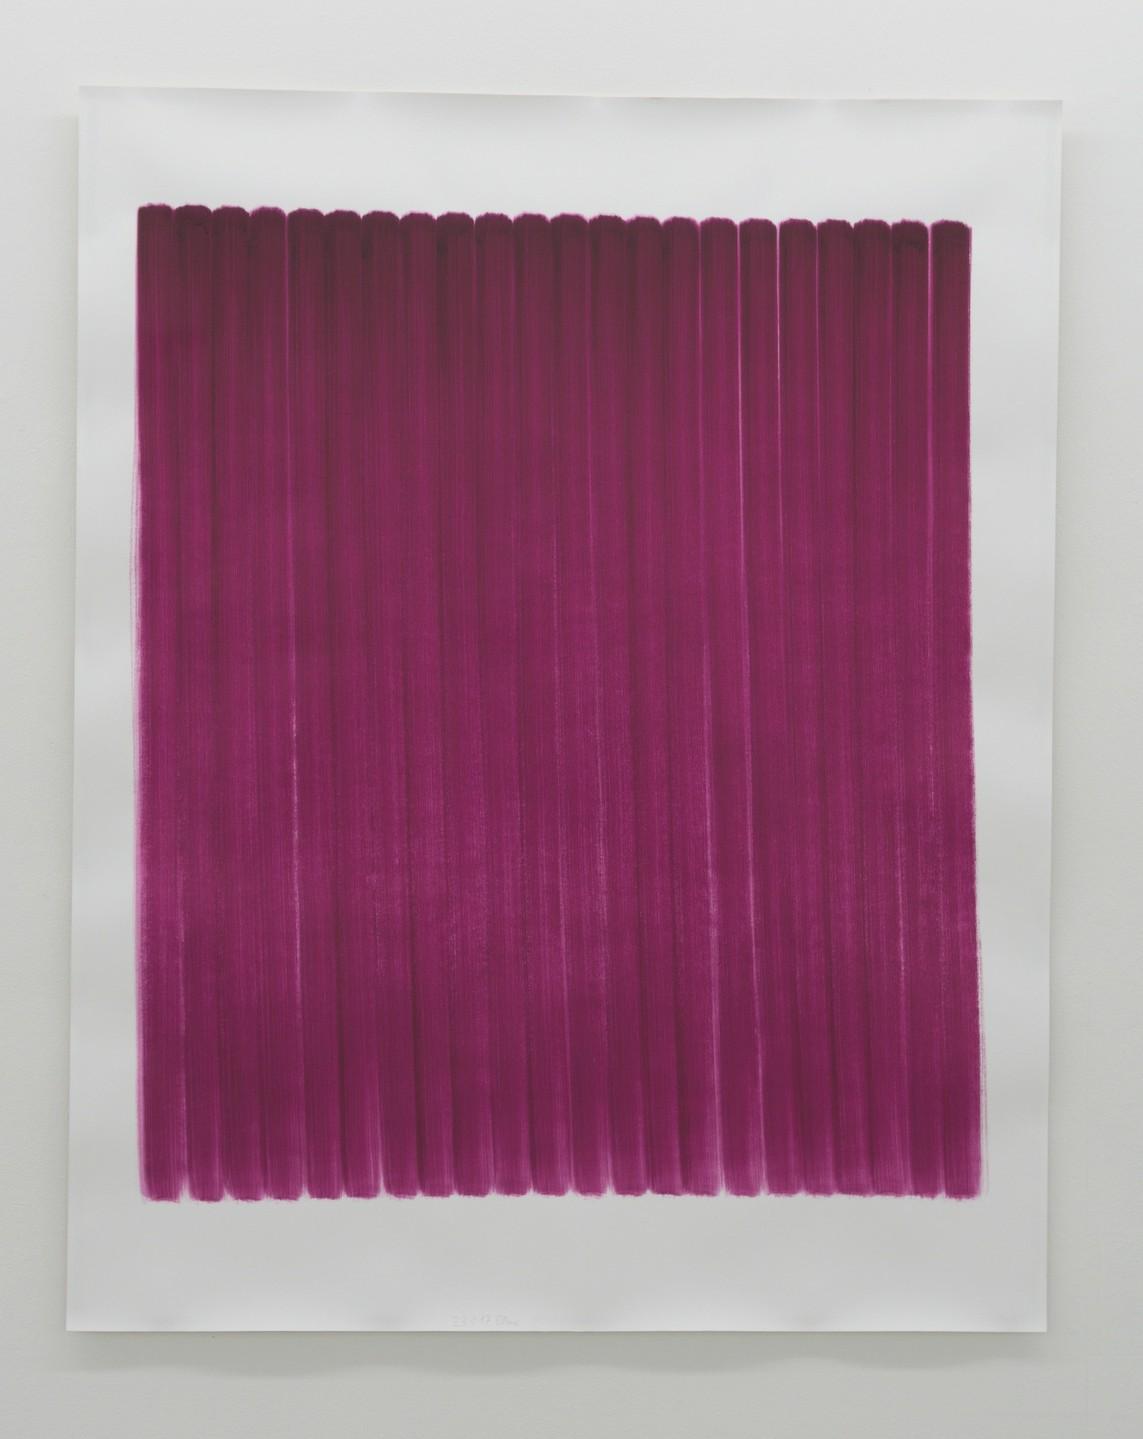 o.T. (23.1.17), Aquarell auf Papier, 2017, 192 x 152 cm